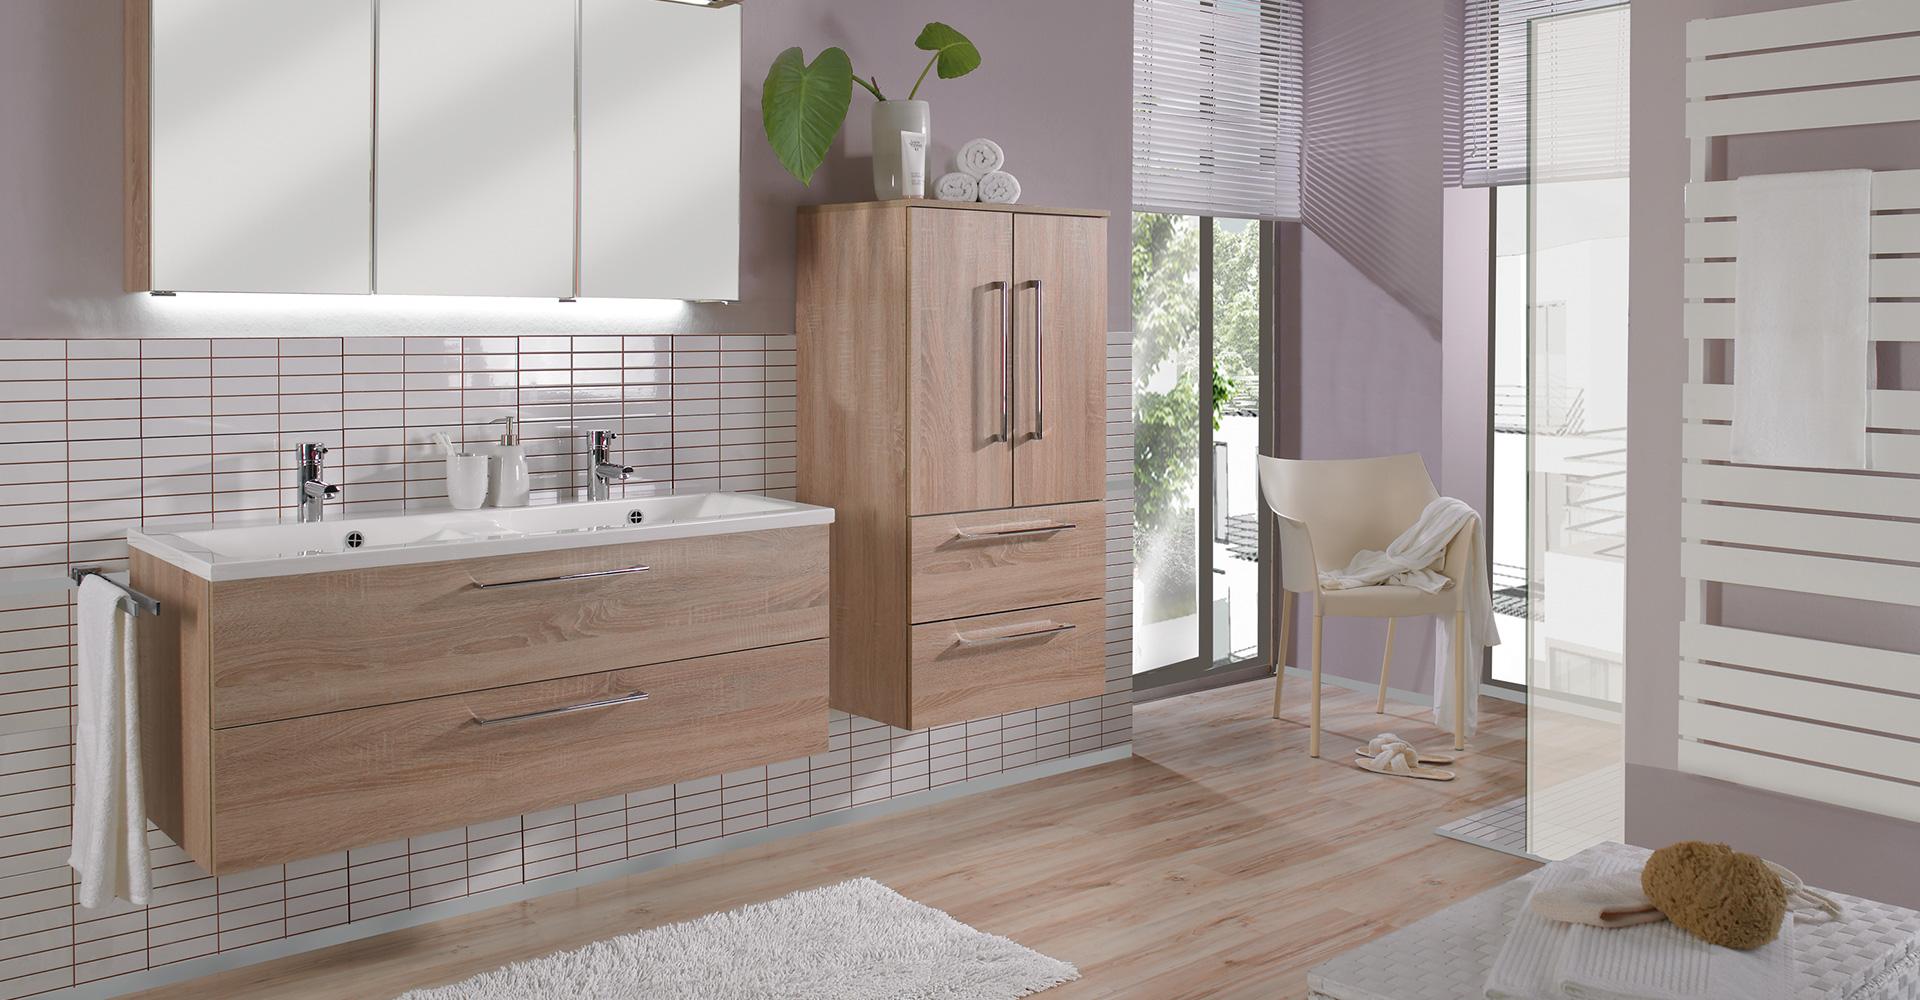 Sanitair - De badkamer van uw dromen - Otten Keukens & Sanitair